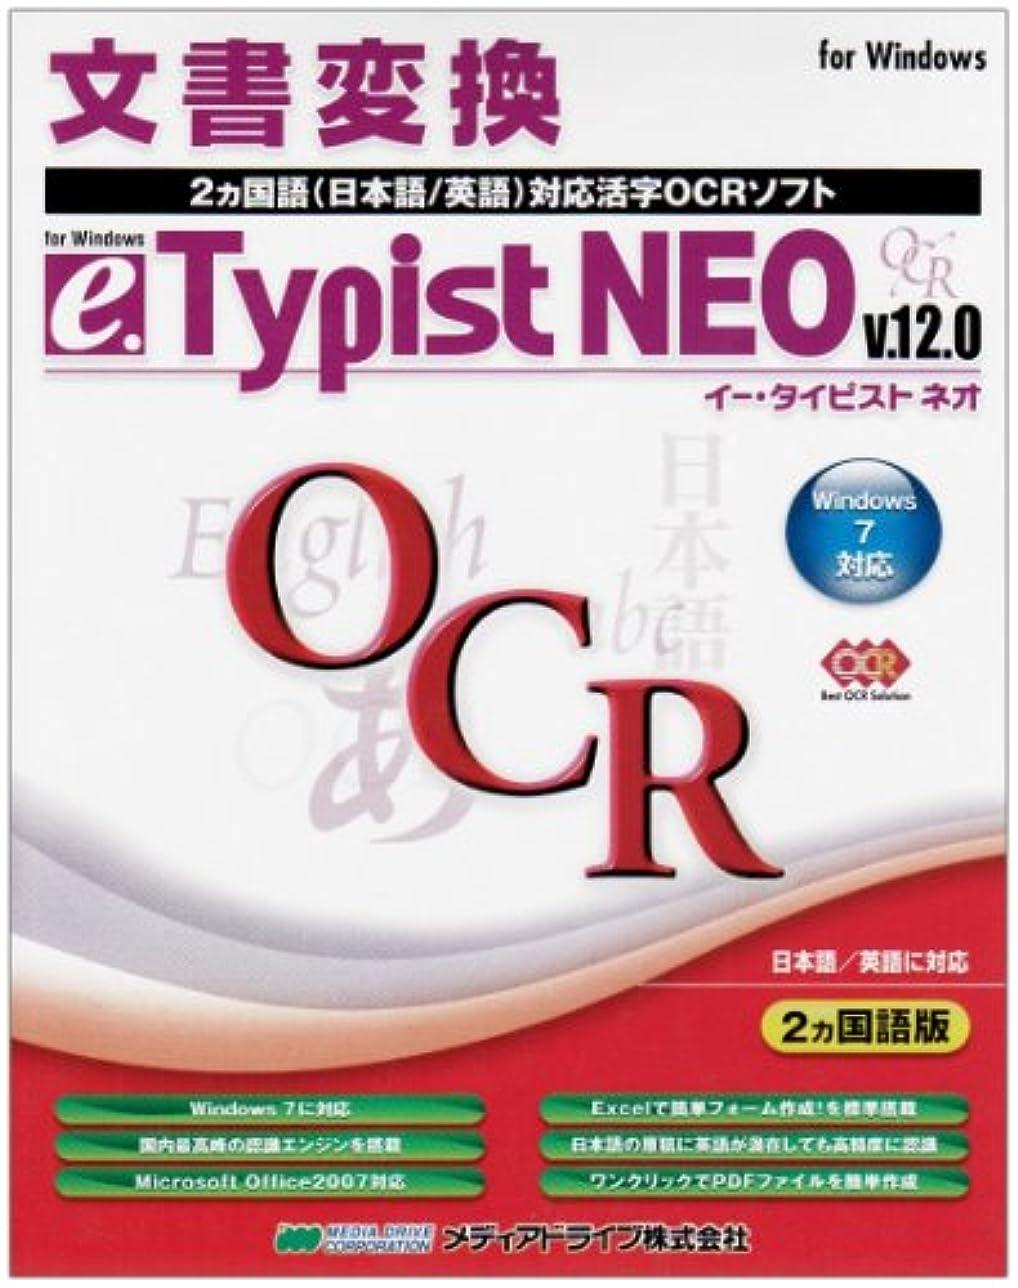 遅いりんごプロポーショナルe.Typist NEO v.12.0